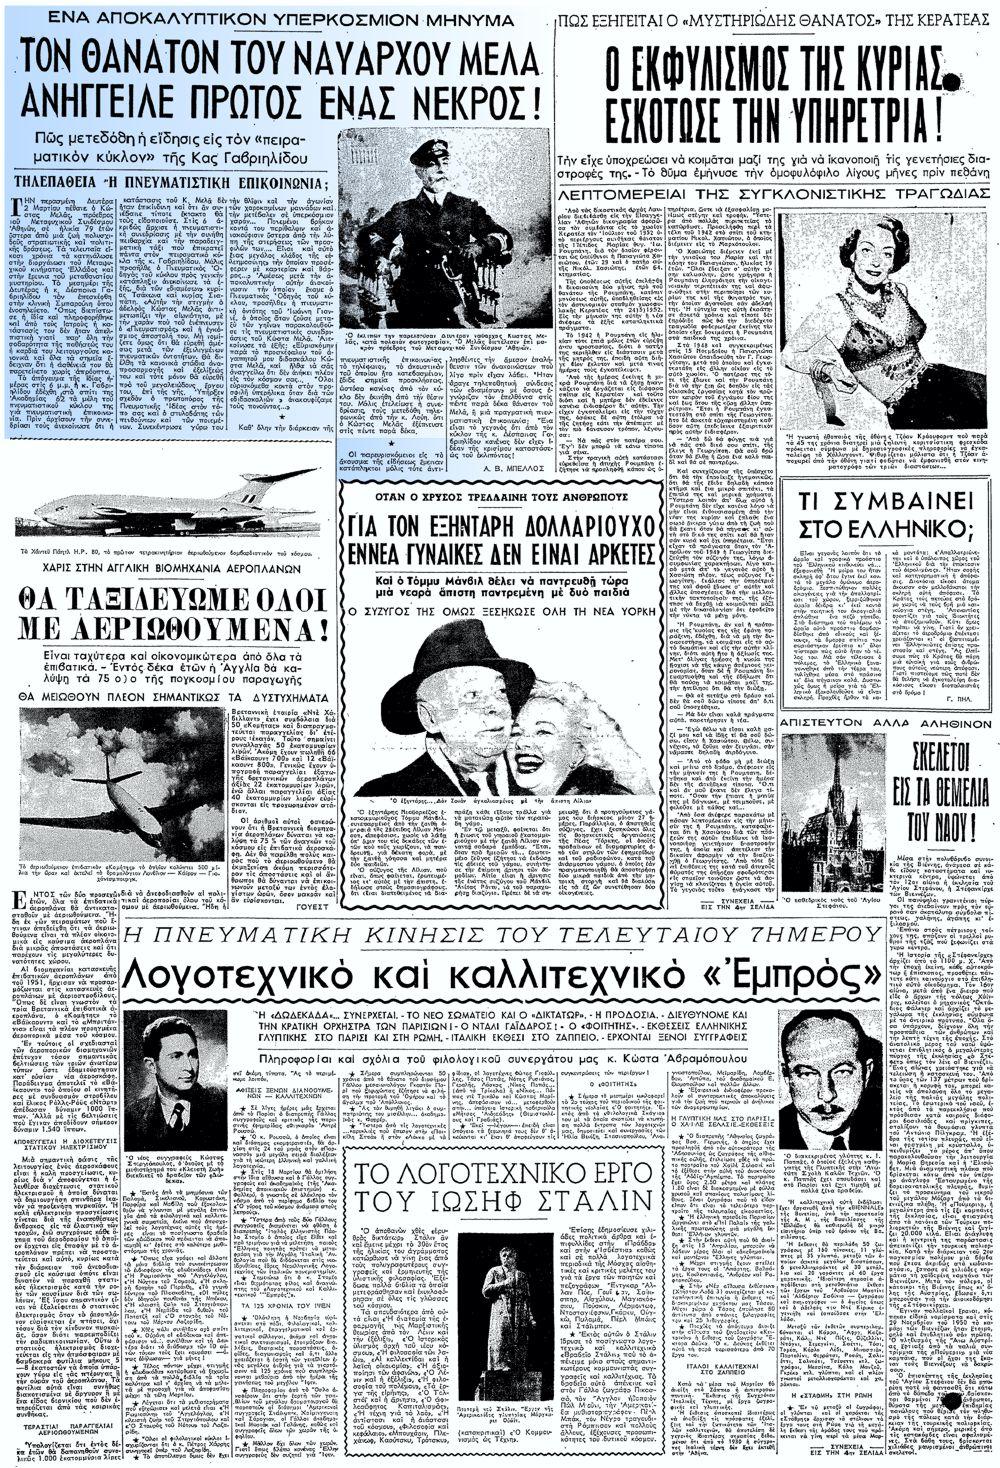 """Το άρθρο, όπως δημοσιεύθηκε στην εφημερίδα """"ΕΜΠΡΟΣ"""", στις 05/03/1953"""